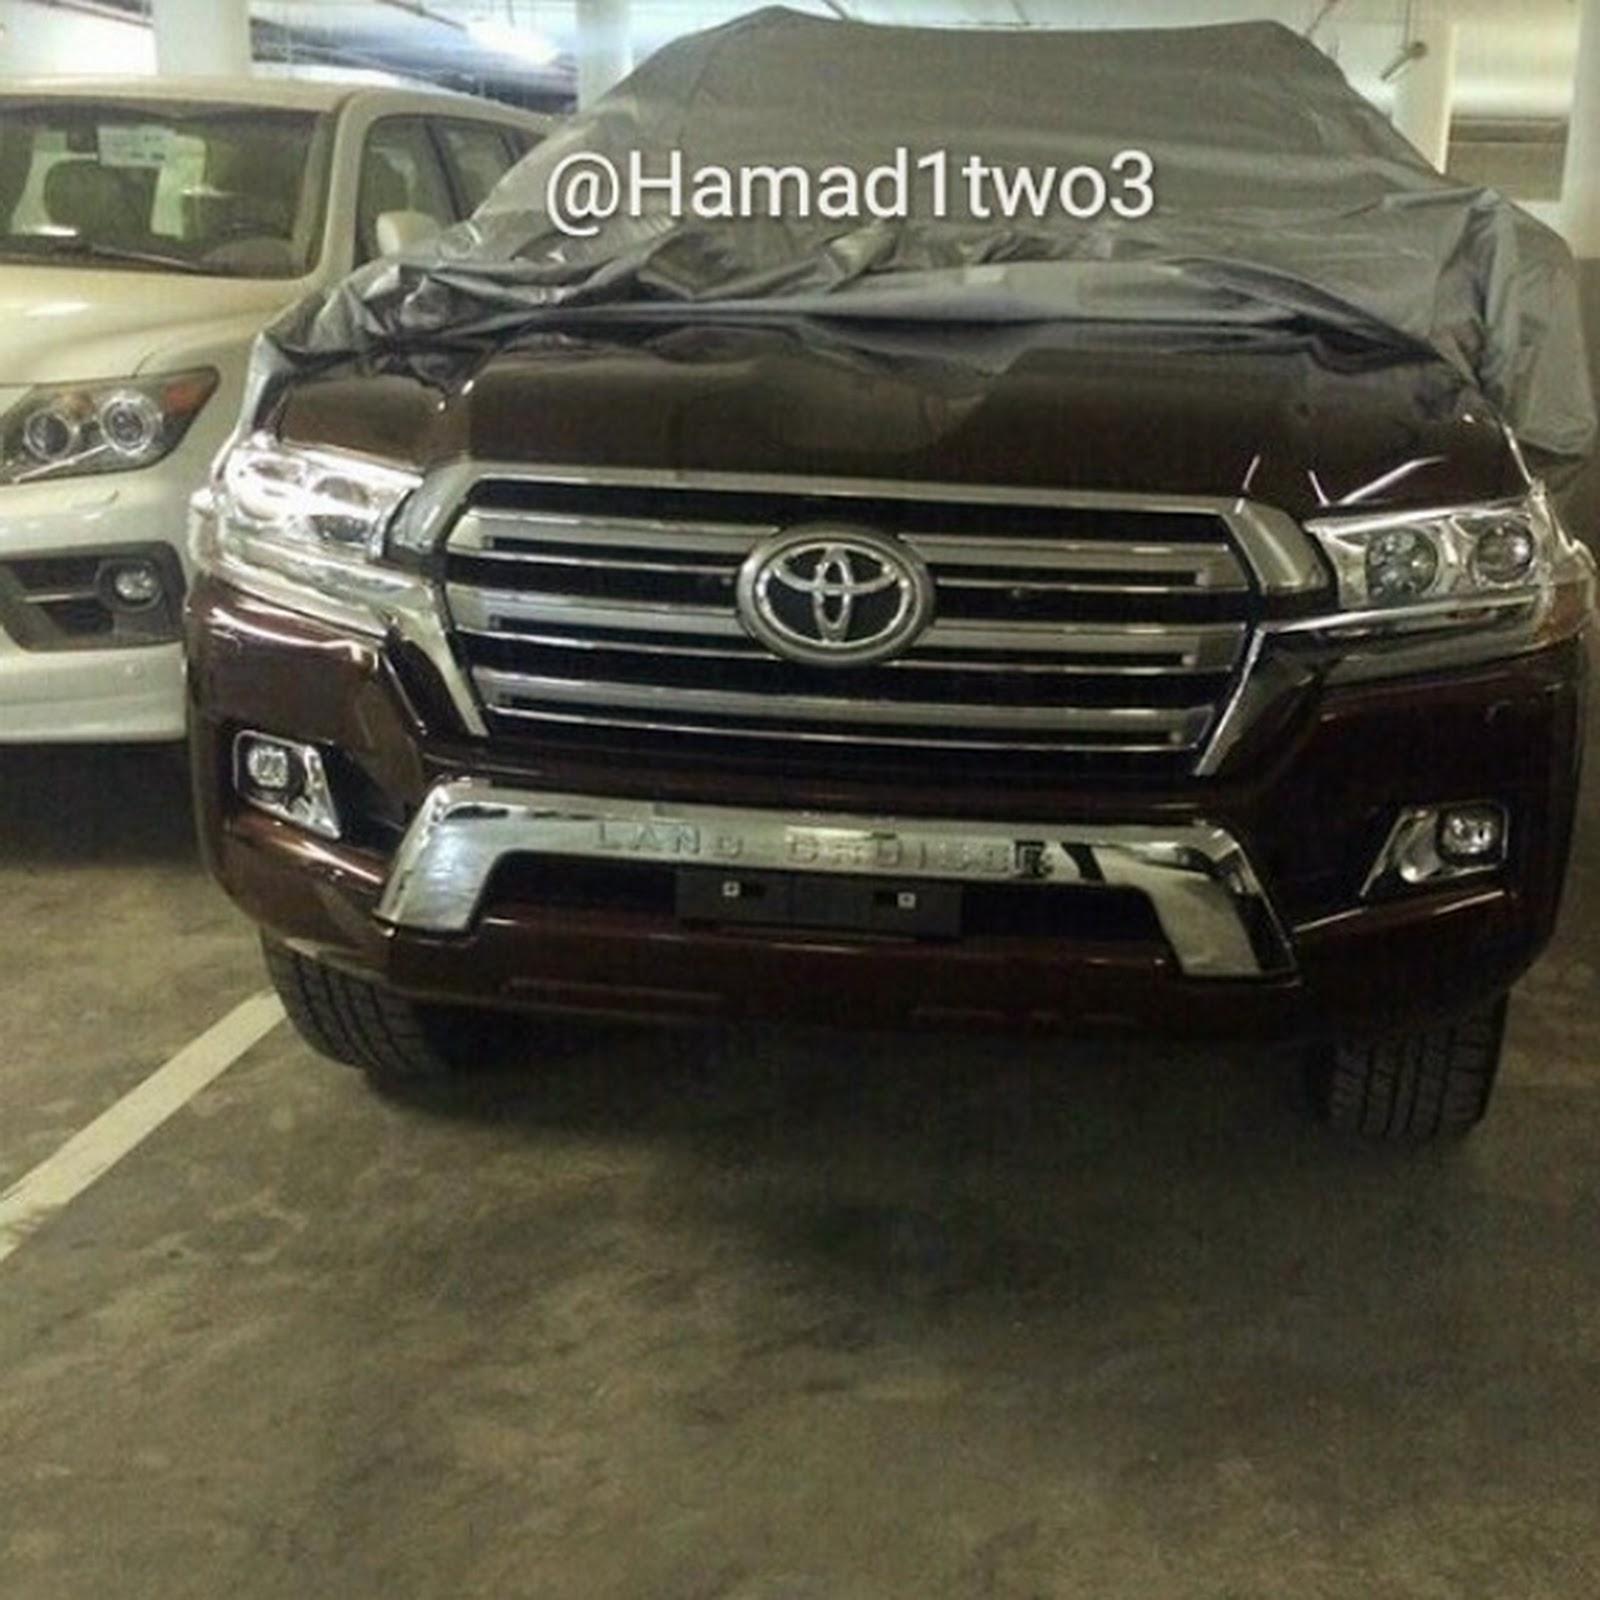 Toyota Land Cruser 2016 lộ ảnh trên Instaram